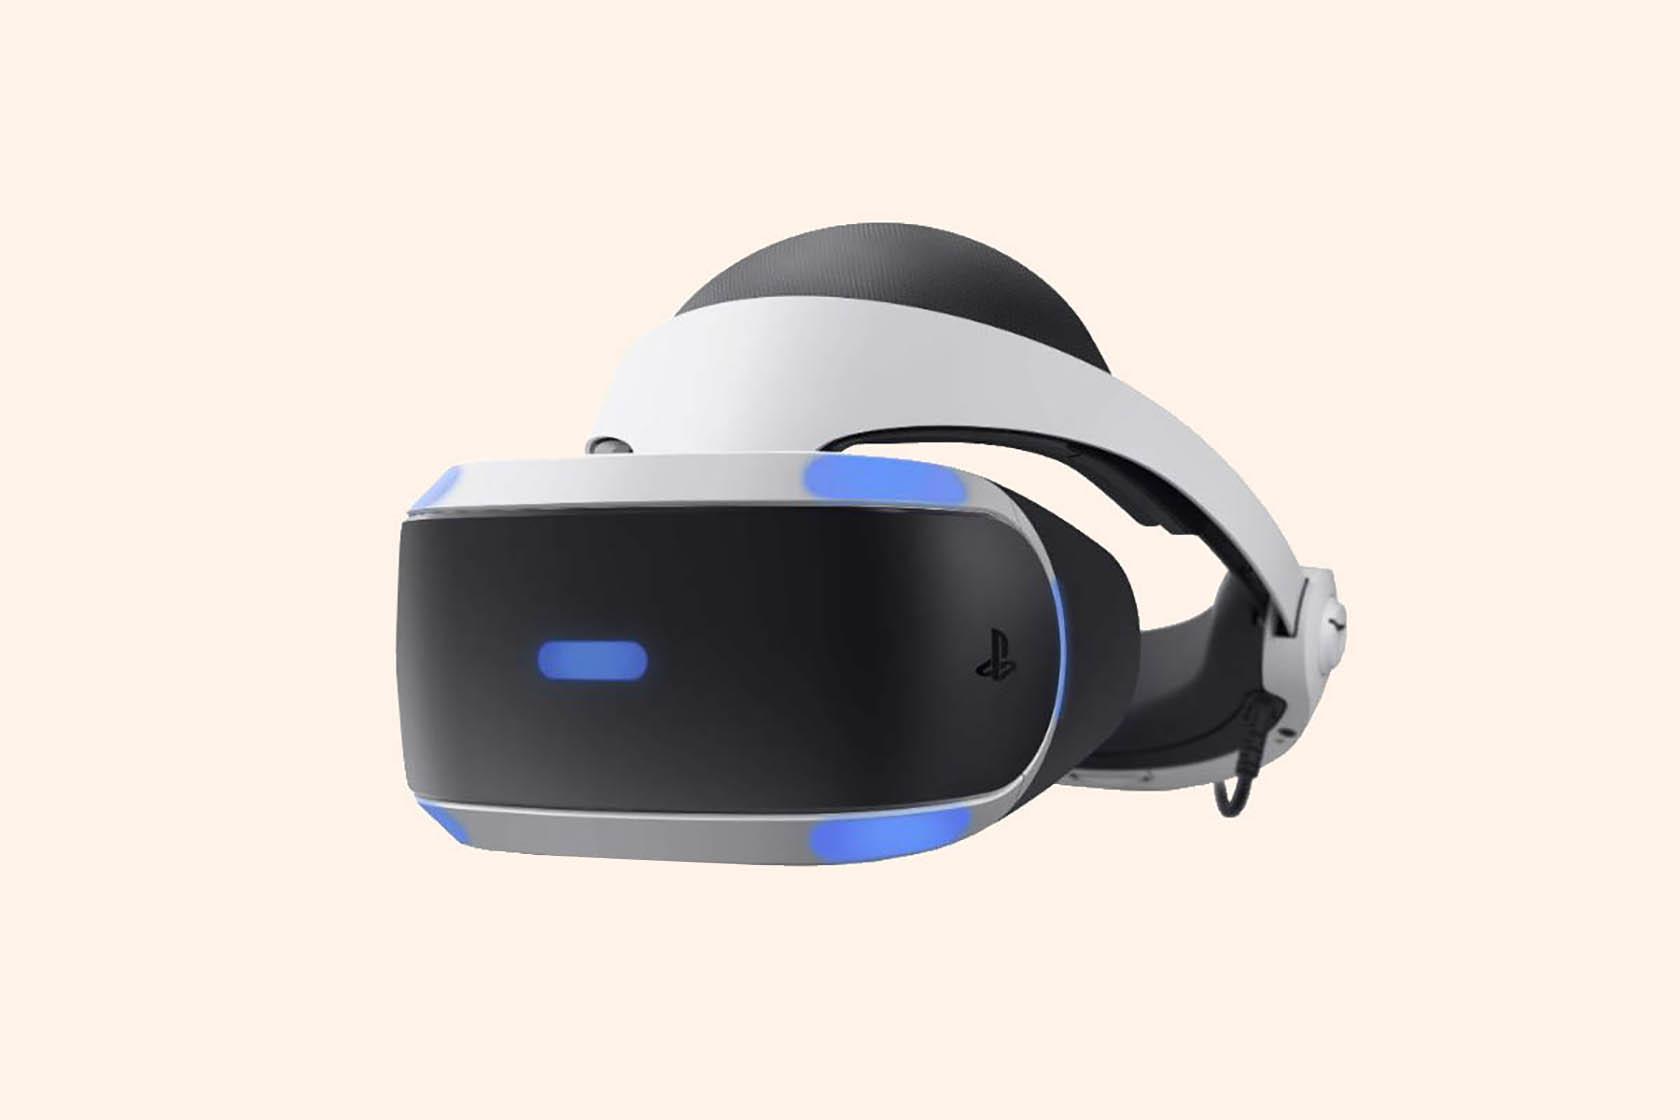 Очки виртуальной реальности — подарок современному мужчине